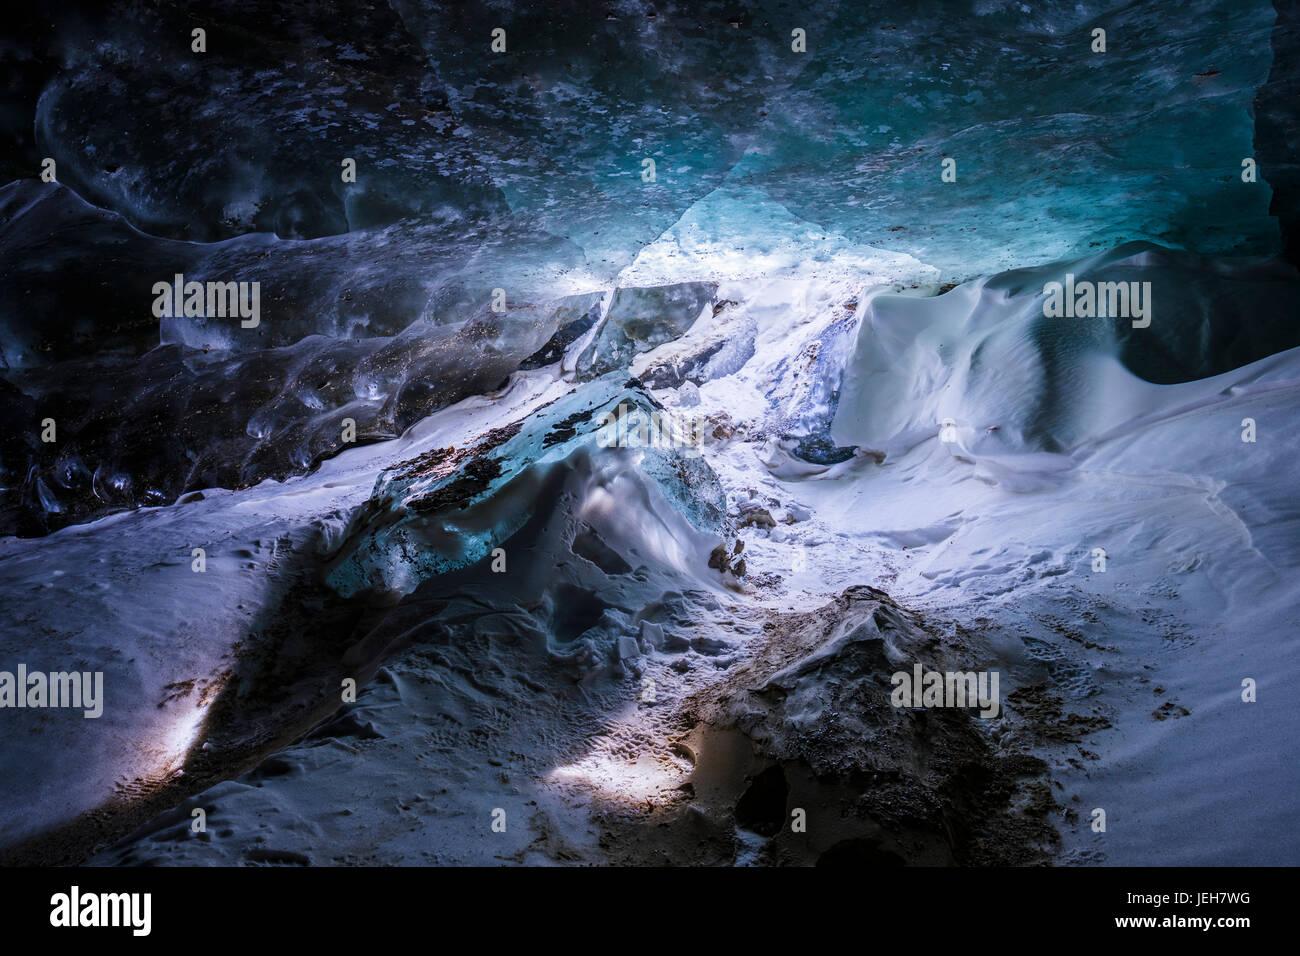 Seltsames Licht leuchtet auf dem Boden einer Höhle unter dem Eis des patentieren Gletscher in die Alaska Range. Stockfoto